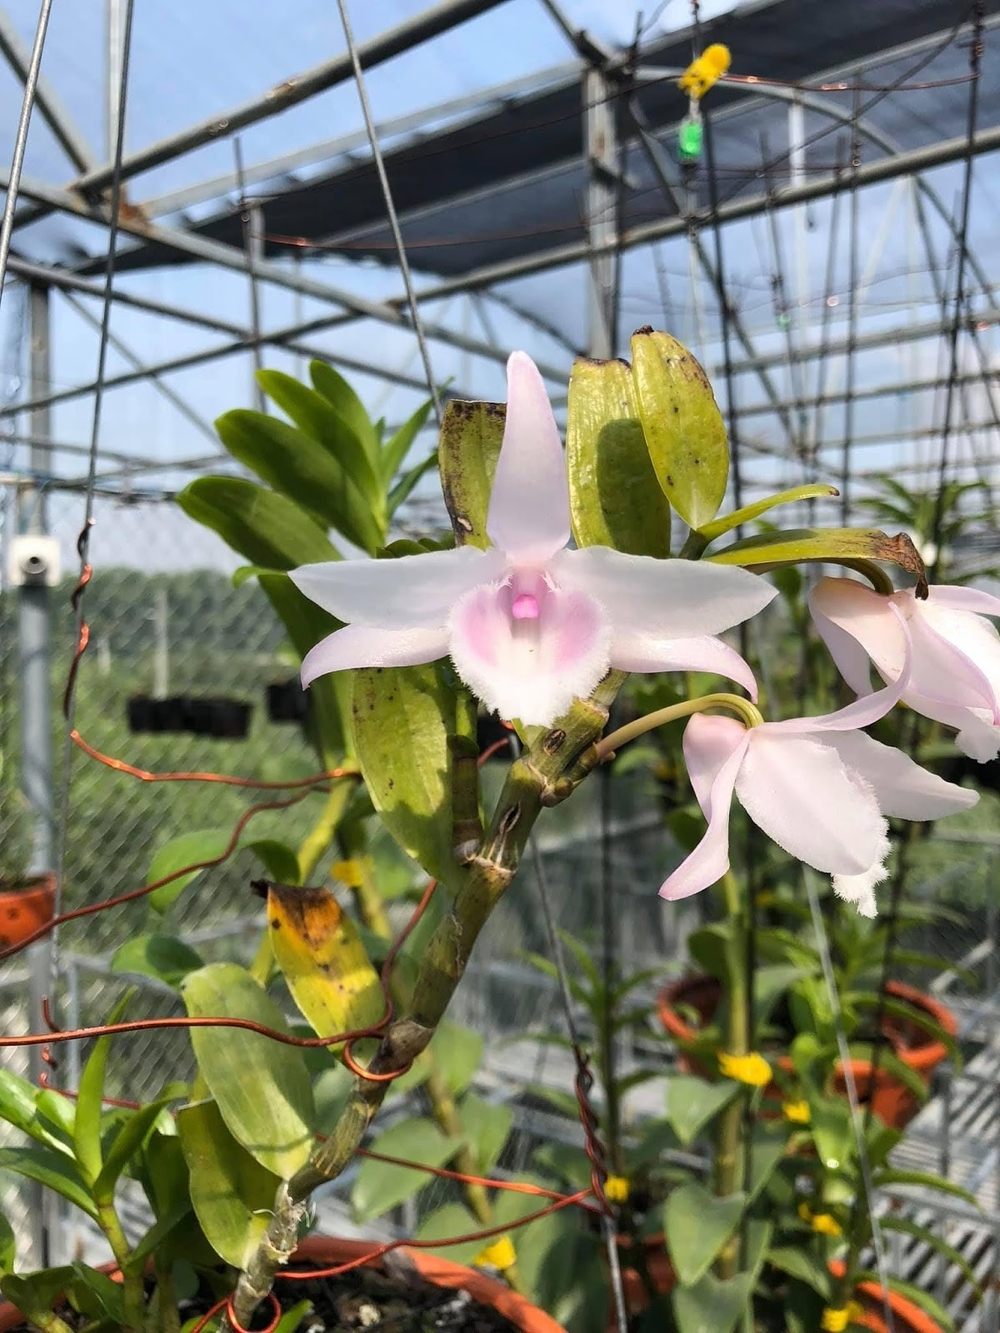 Nghệ nhân hoa lan Trần Quốc Hoà: Hành trình khởi nghiệp thành công đến từ niềm đam mê mãnh liệt với hoa lan Ảnh 2